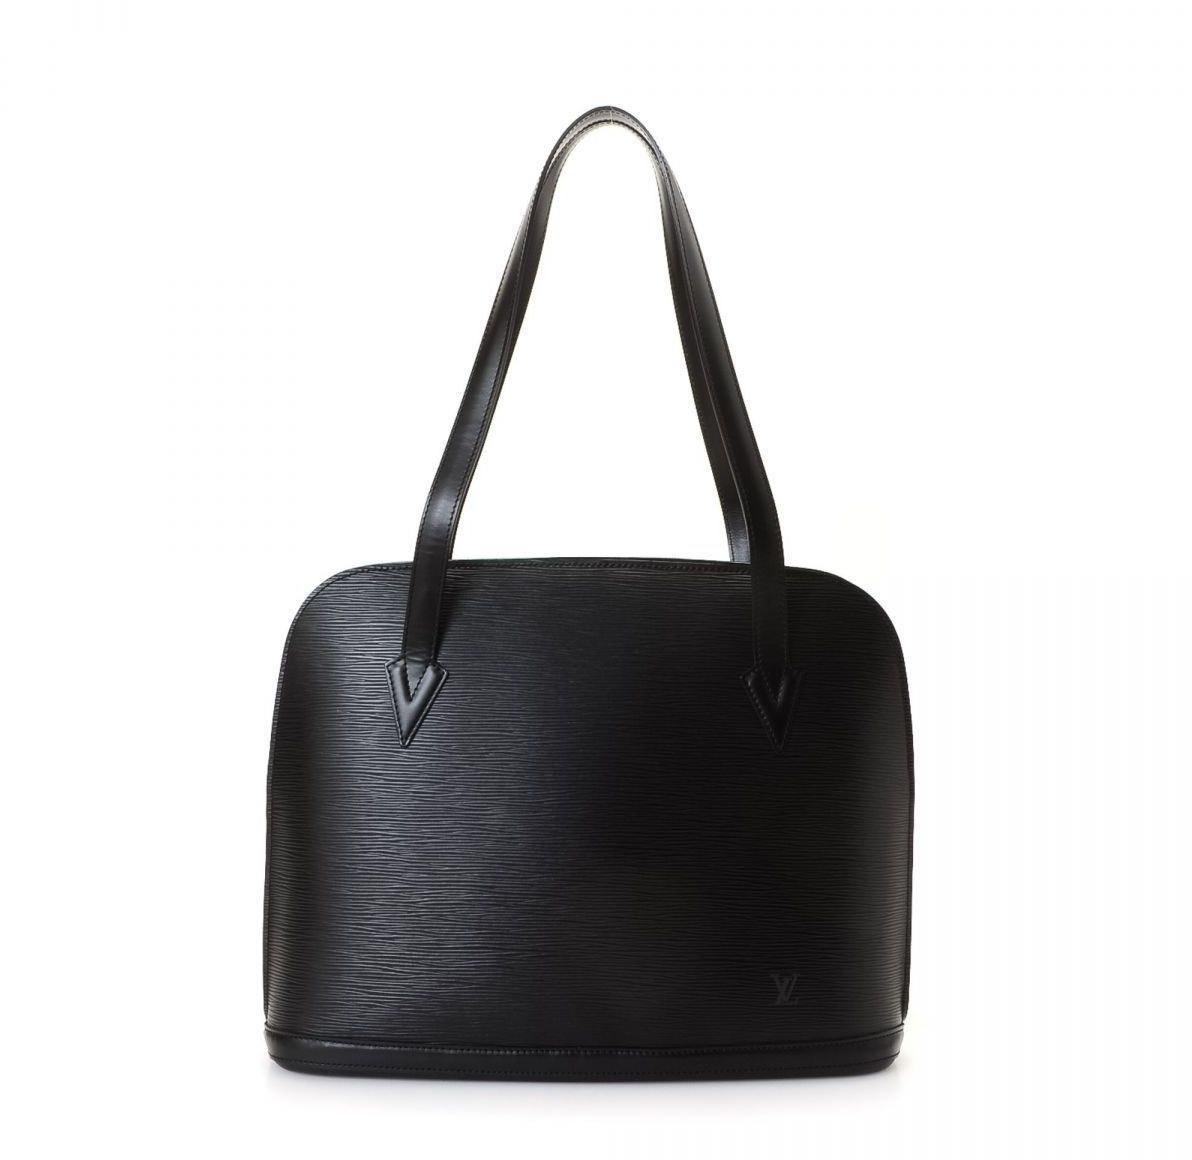 Louis Vuitton Lussac Epi Black